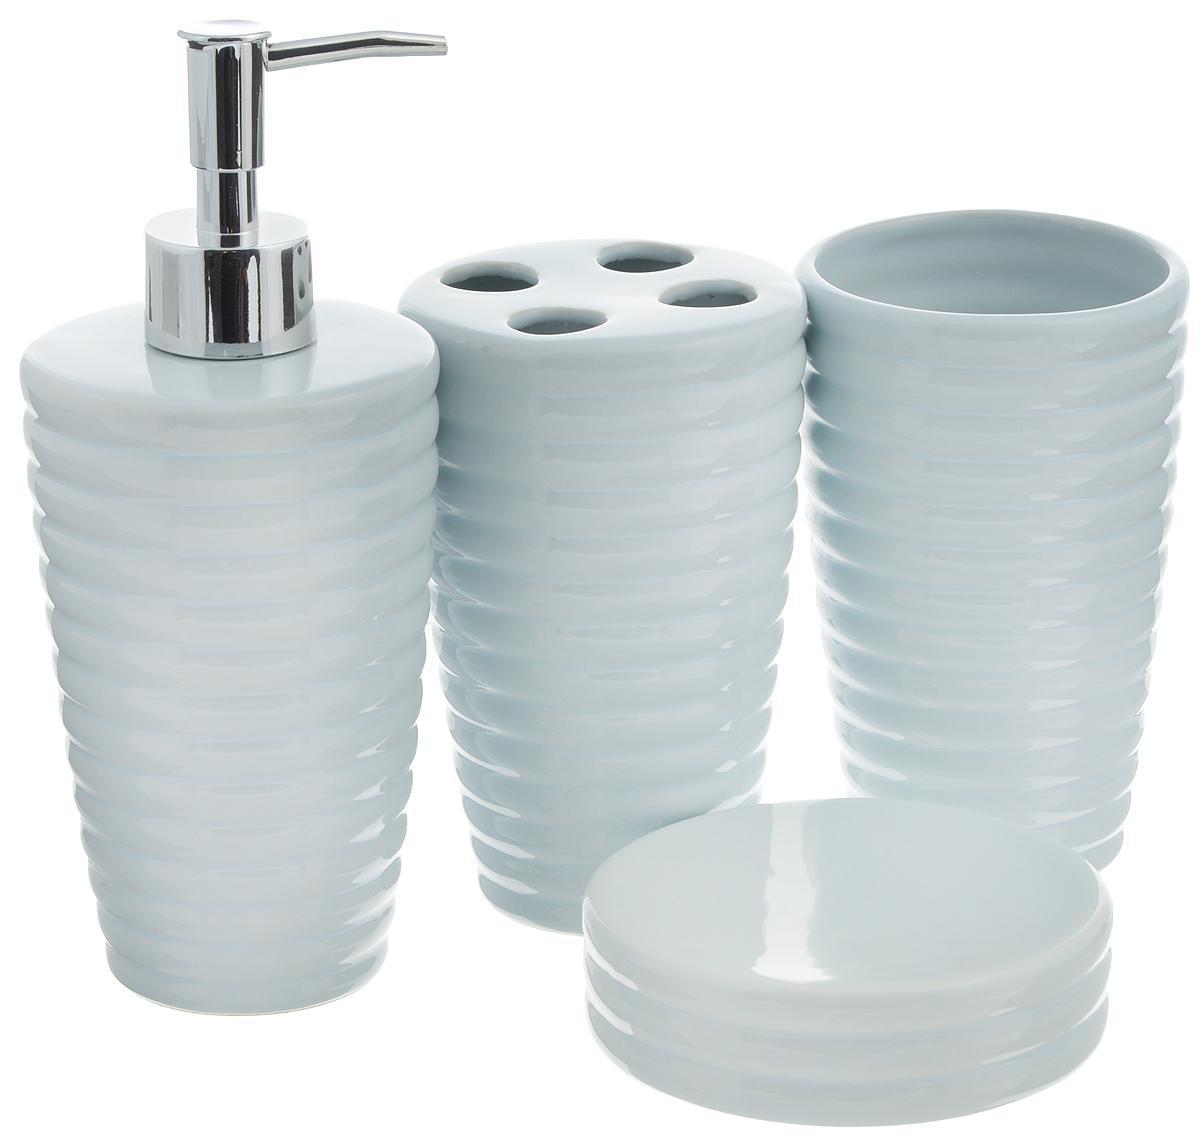 Набор для ванной комнаты Aqua Line Мята, 4 предмета97678Набор для ванной комнаты Aqua Line Мята включает стакан, подставку для зубных щеток, мыльницу и диспенсер для жидкого мыла с пластиковым дозатором. Набор выполнен из прочного фарфора высокого качества и декорирован красивым рельефом.Все элементы выдержаны в одном стиле, что позволяет создать в ванной комнате стильный и оригинальный функционально-декоративный ансамбль. Такой набор аксессуаров придаст интерьеру вашей ванной комнаты элегантность и современность. Размер мыльницы: 10,5 х 10,5 х 3 см. Диаметр стакана/подставки (по верхнему краю): 8,5 см. Высота стакана/подставки: 13,5 см. Высота диспенсера: 20 см.